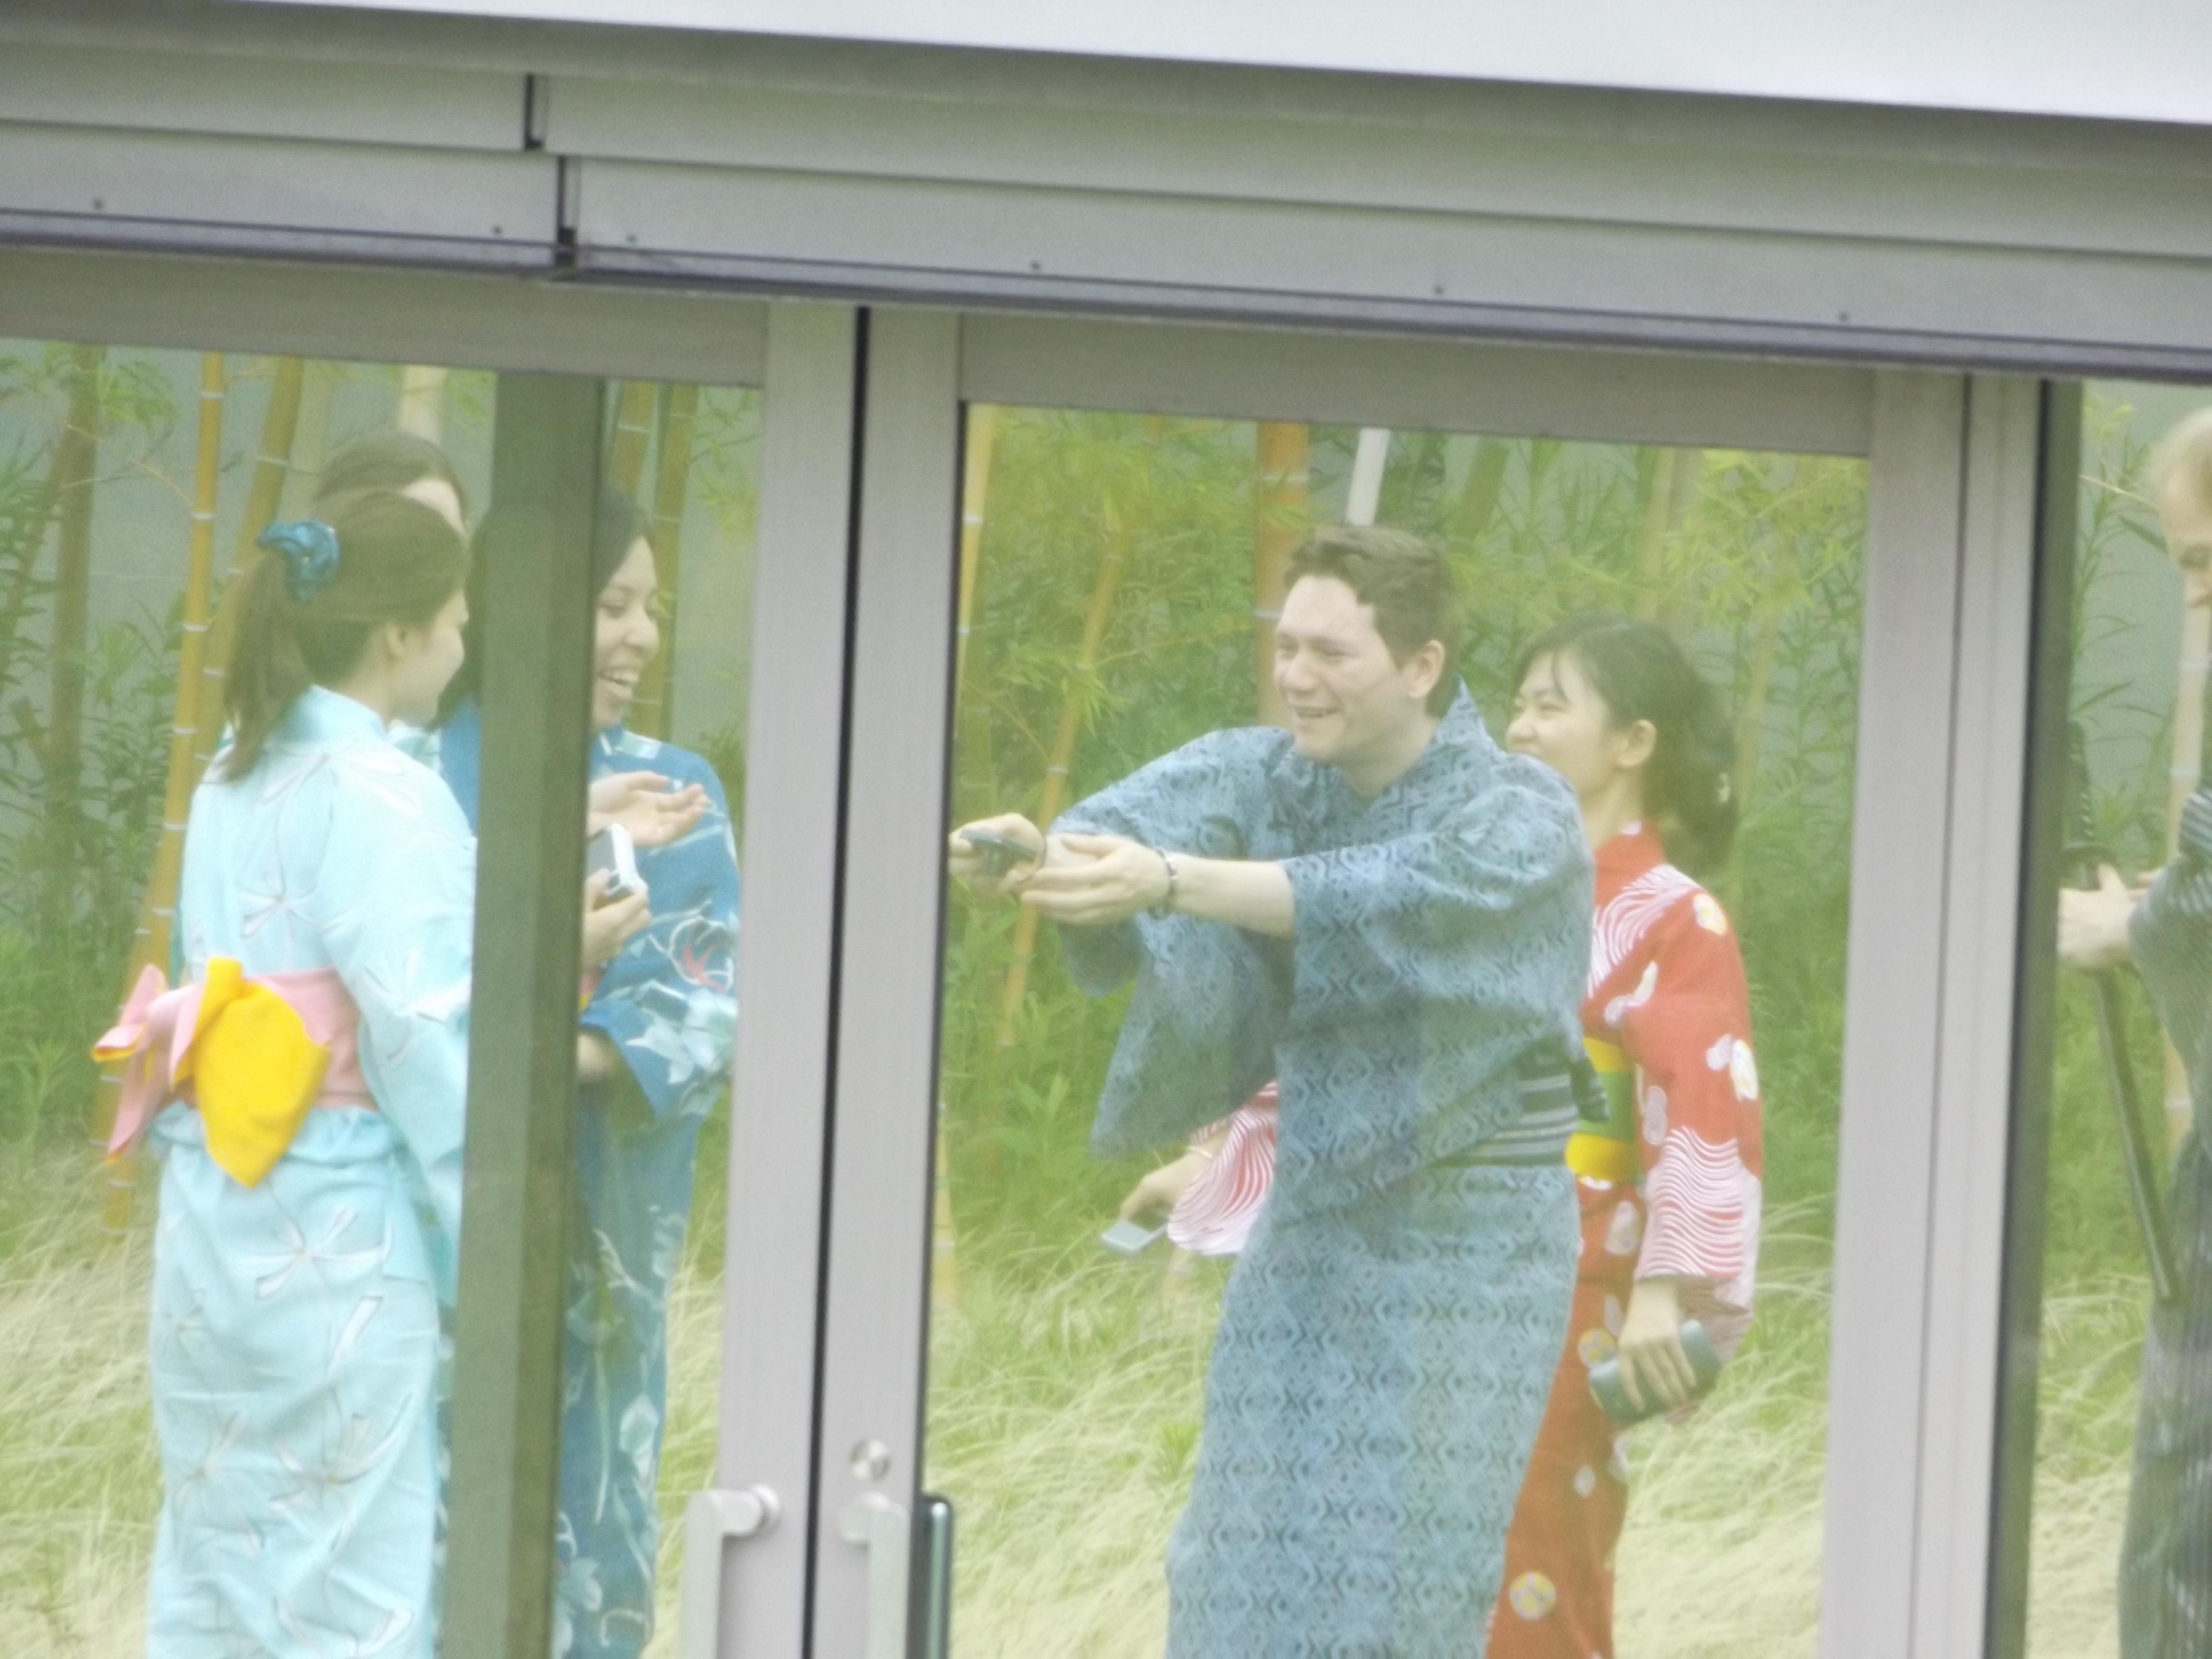 Felprobaltuk paran a yukatat, egy onfeledt pillanat :)